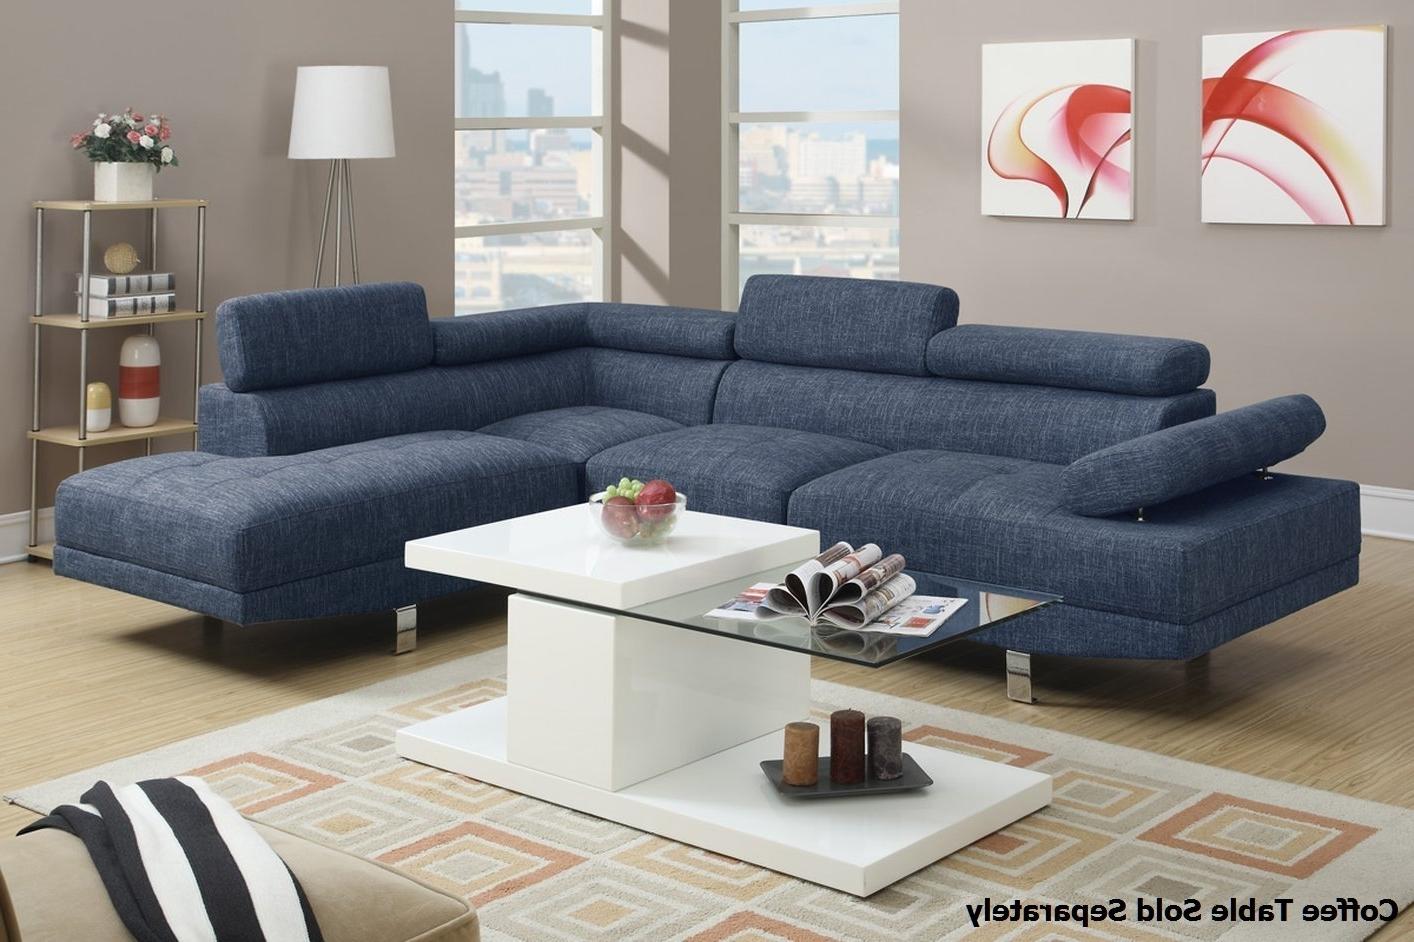 Houston Tx Sectional Sofas With Latest Sofas Centerectionalofa Blue Velvet Denim Navy Houston Texas (View 6 of 15)